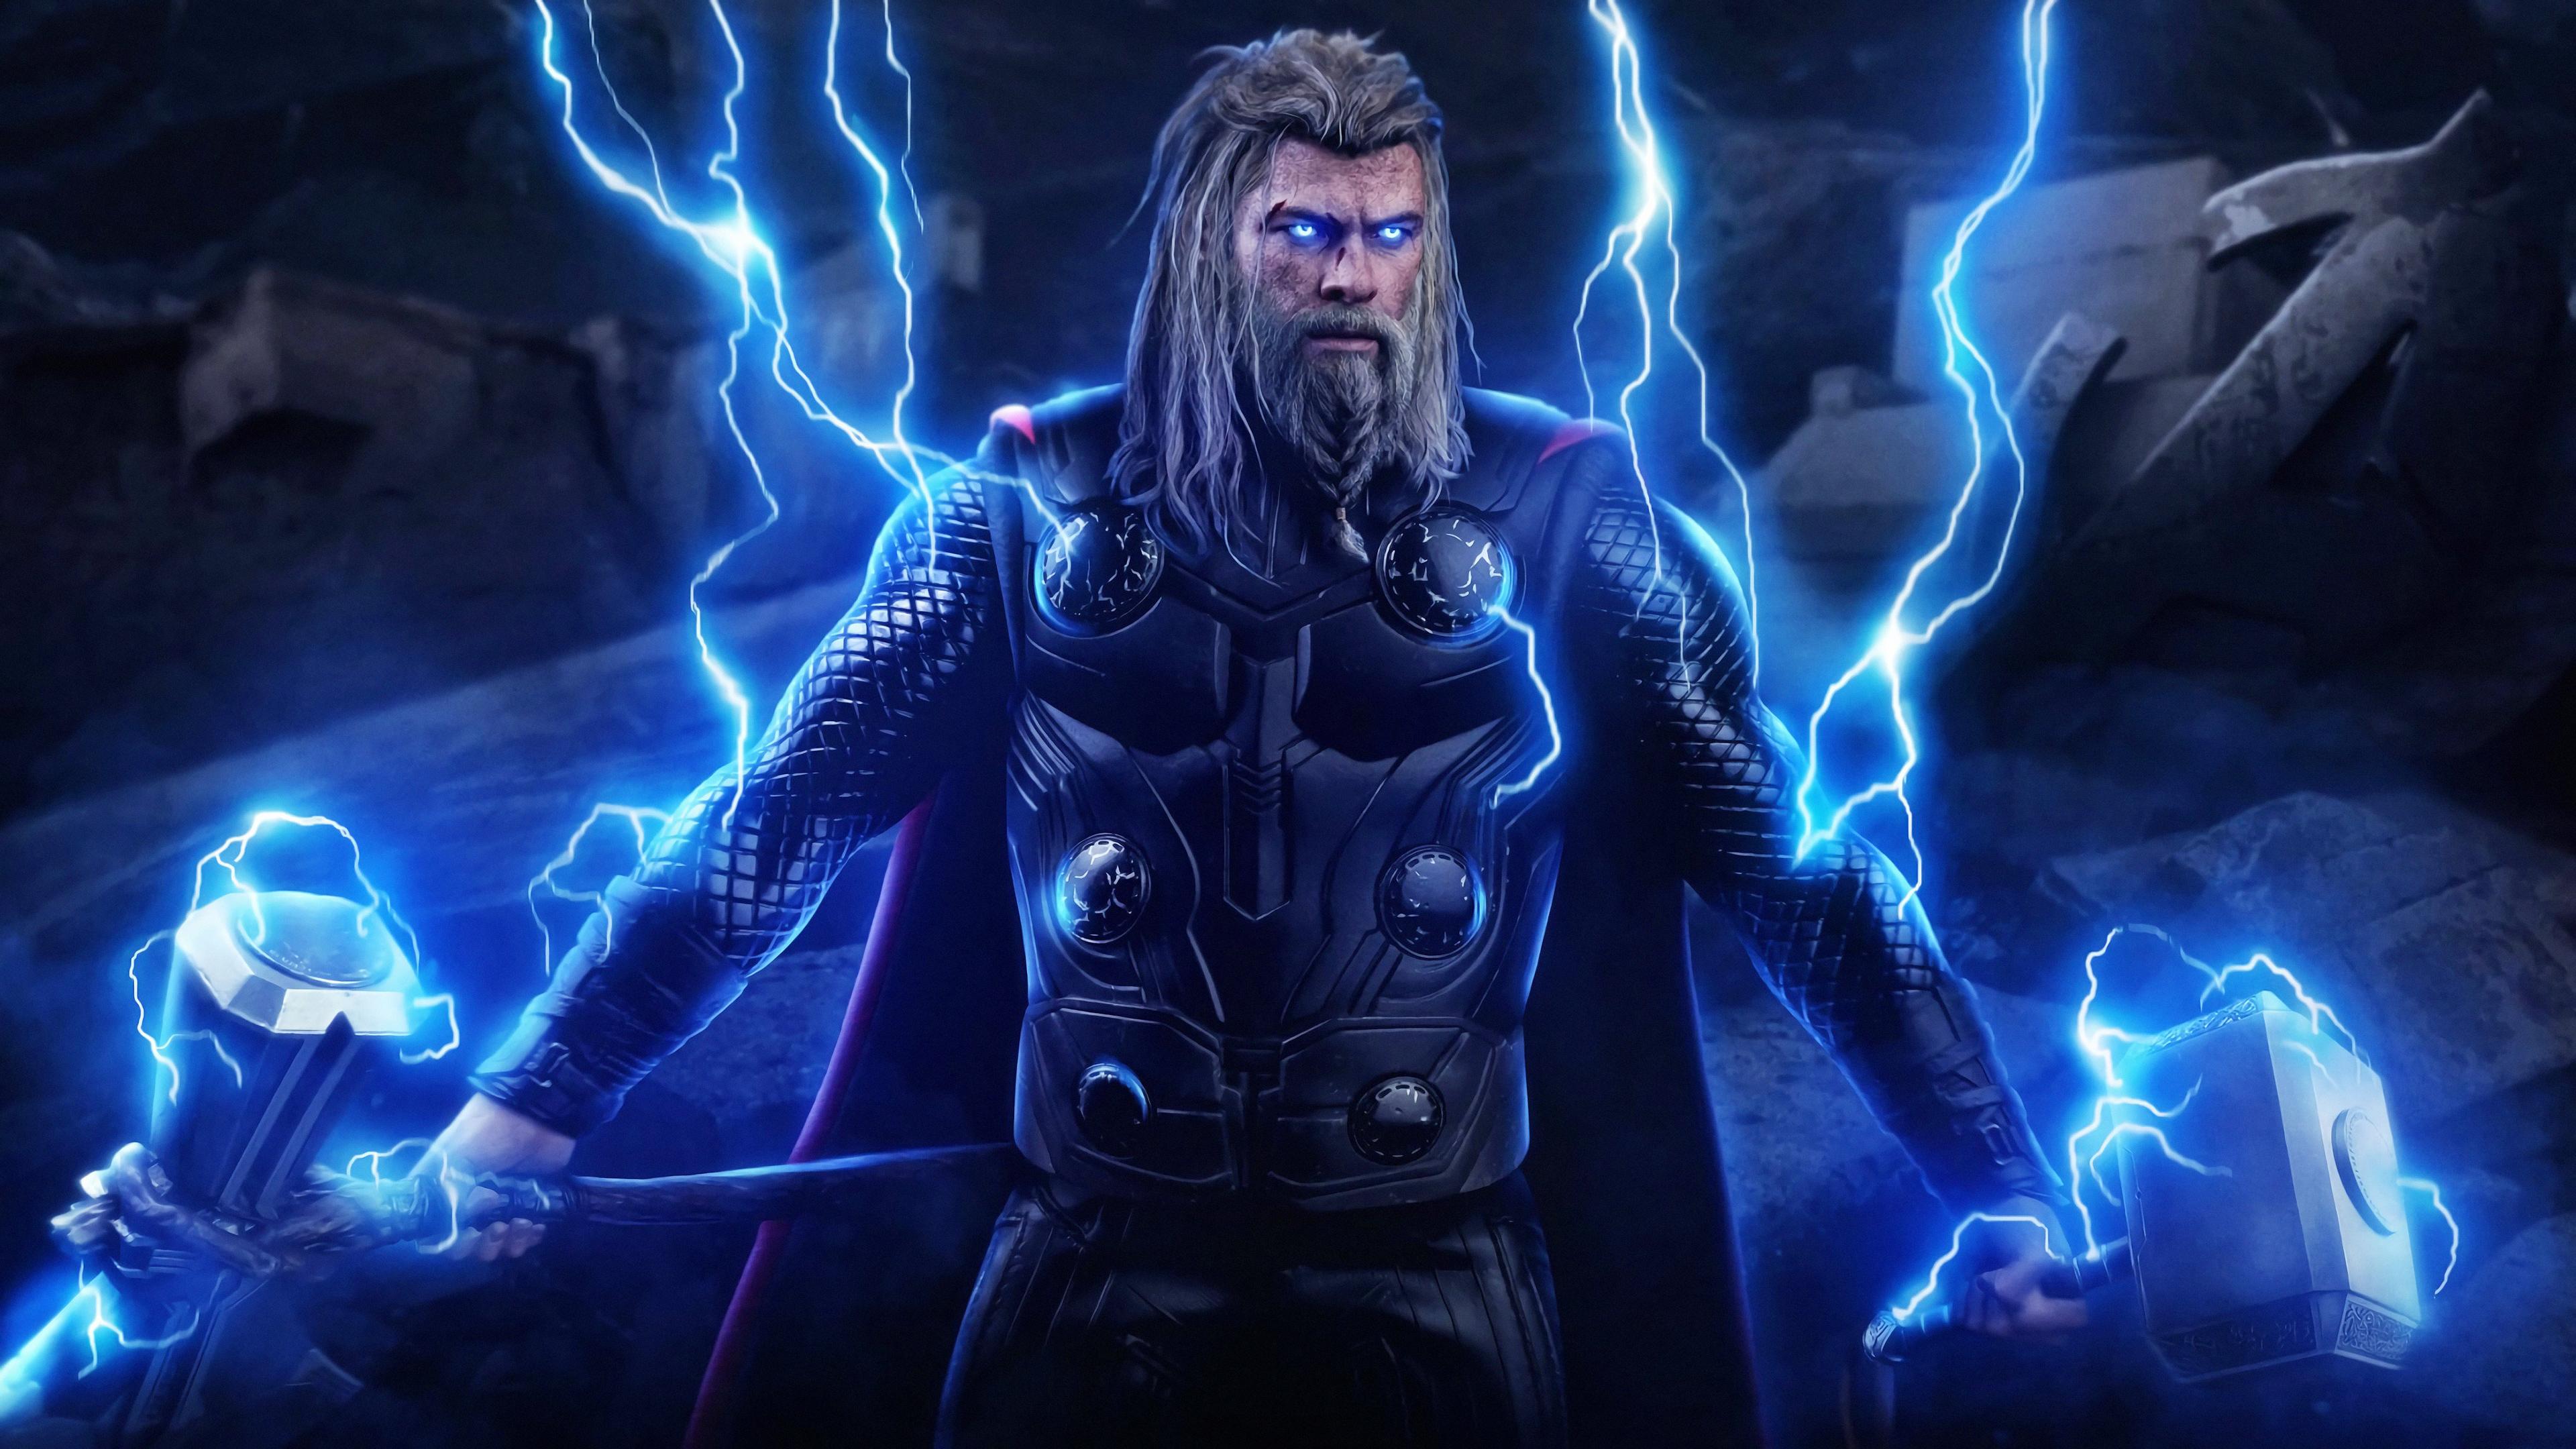 Wallpaper 4k New Thor Avengers Endgame 4k Wallpapers